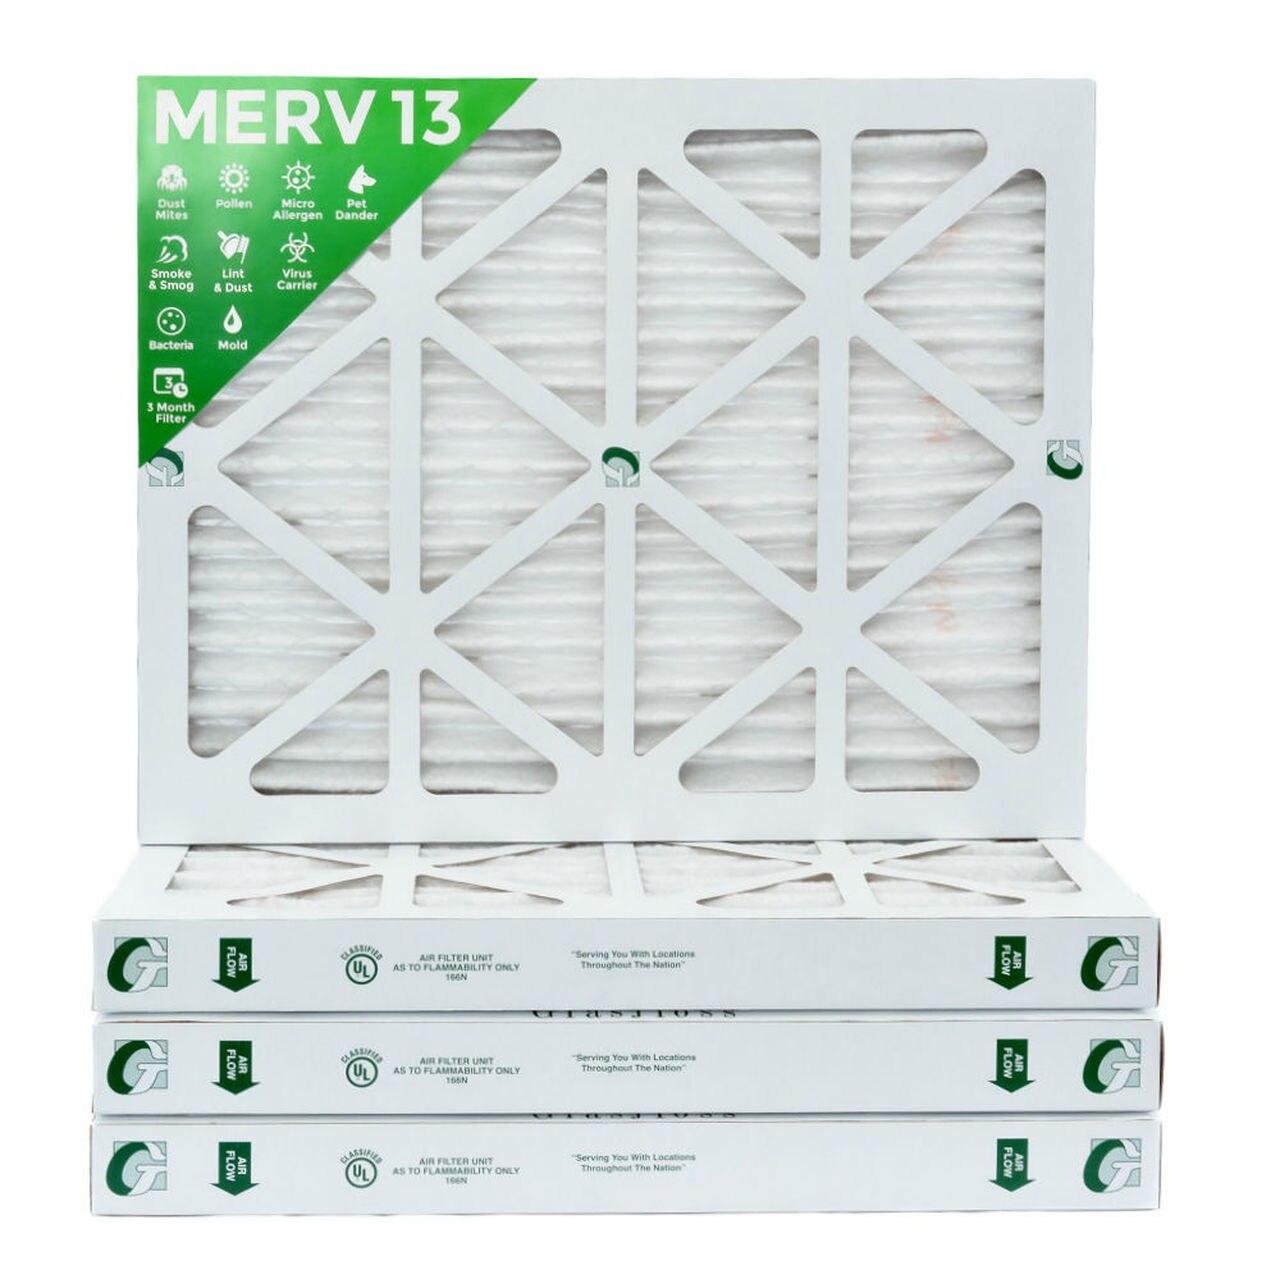 MERV 13 Filters